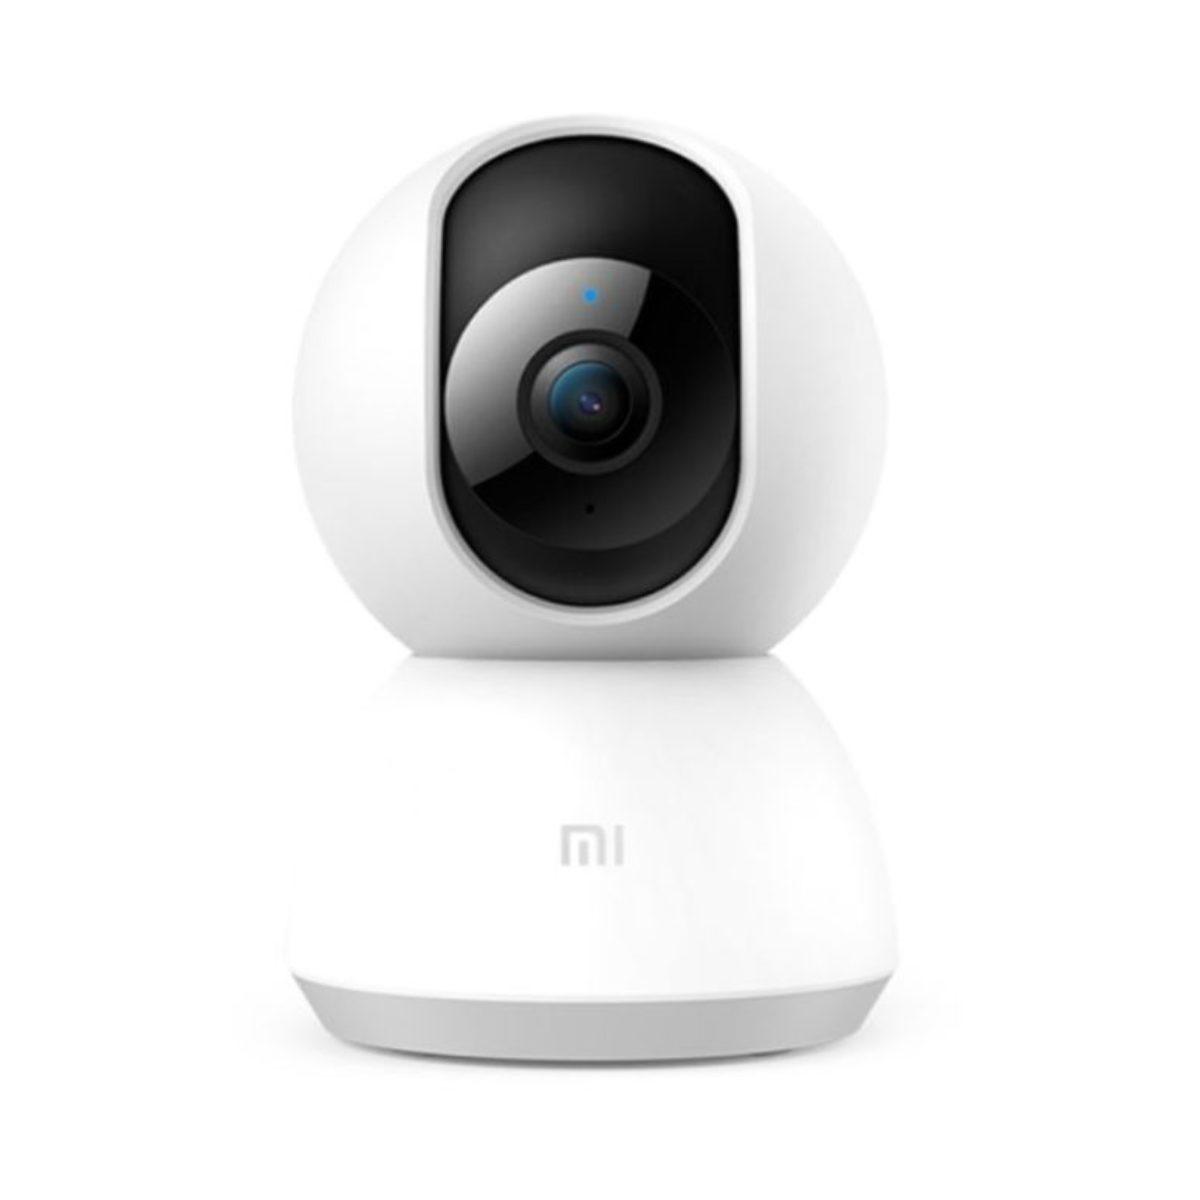 Imagen que ilustra la cámara wifi Xiaomi Mi Home Security Camera 360